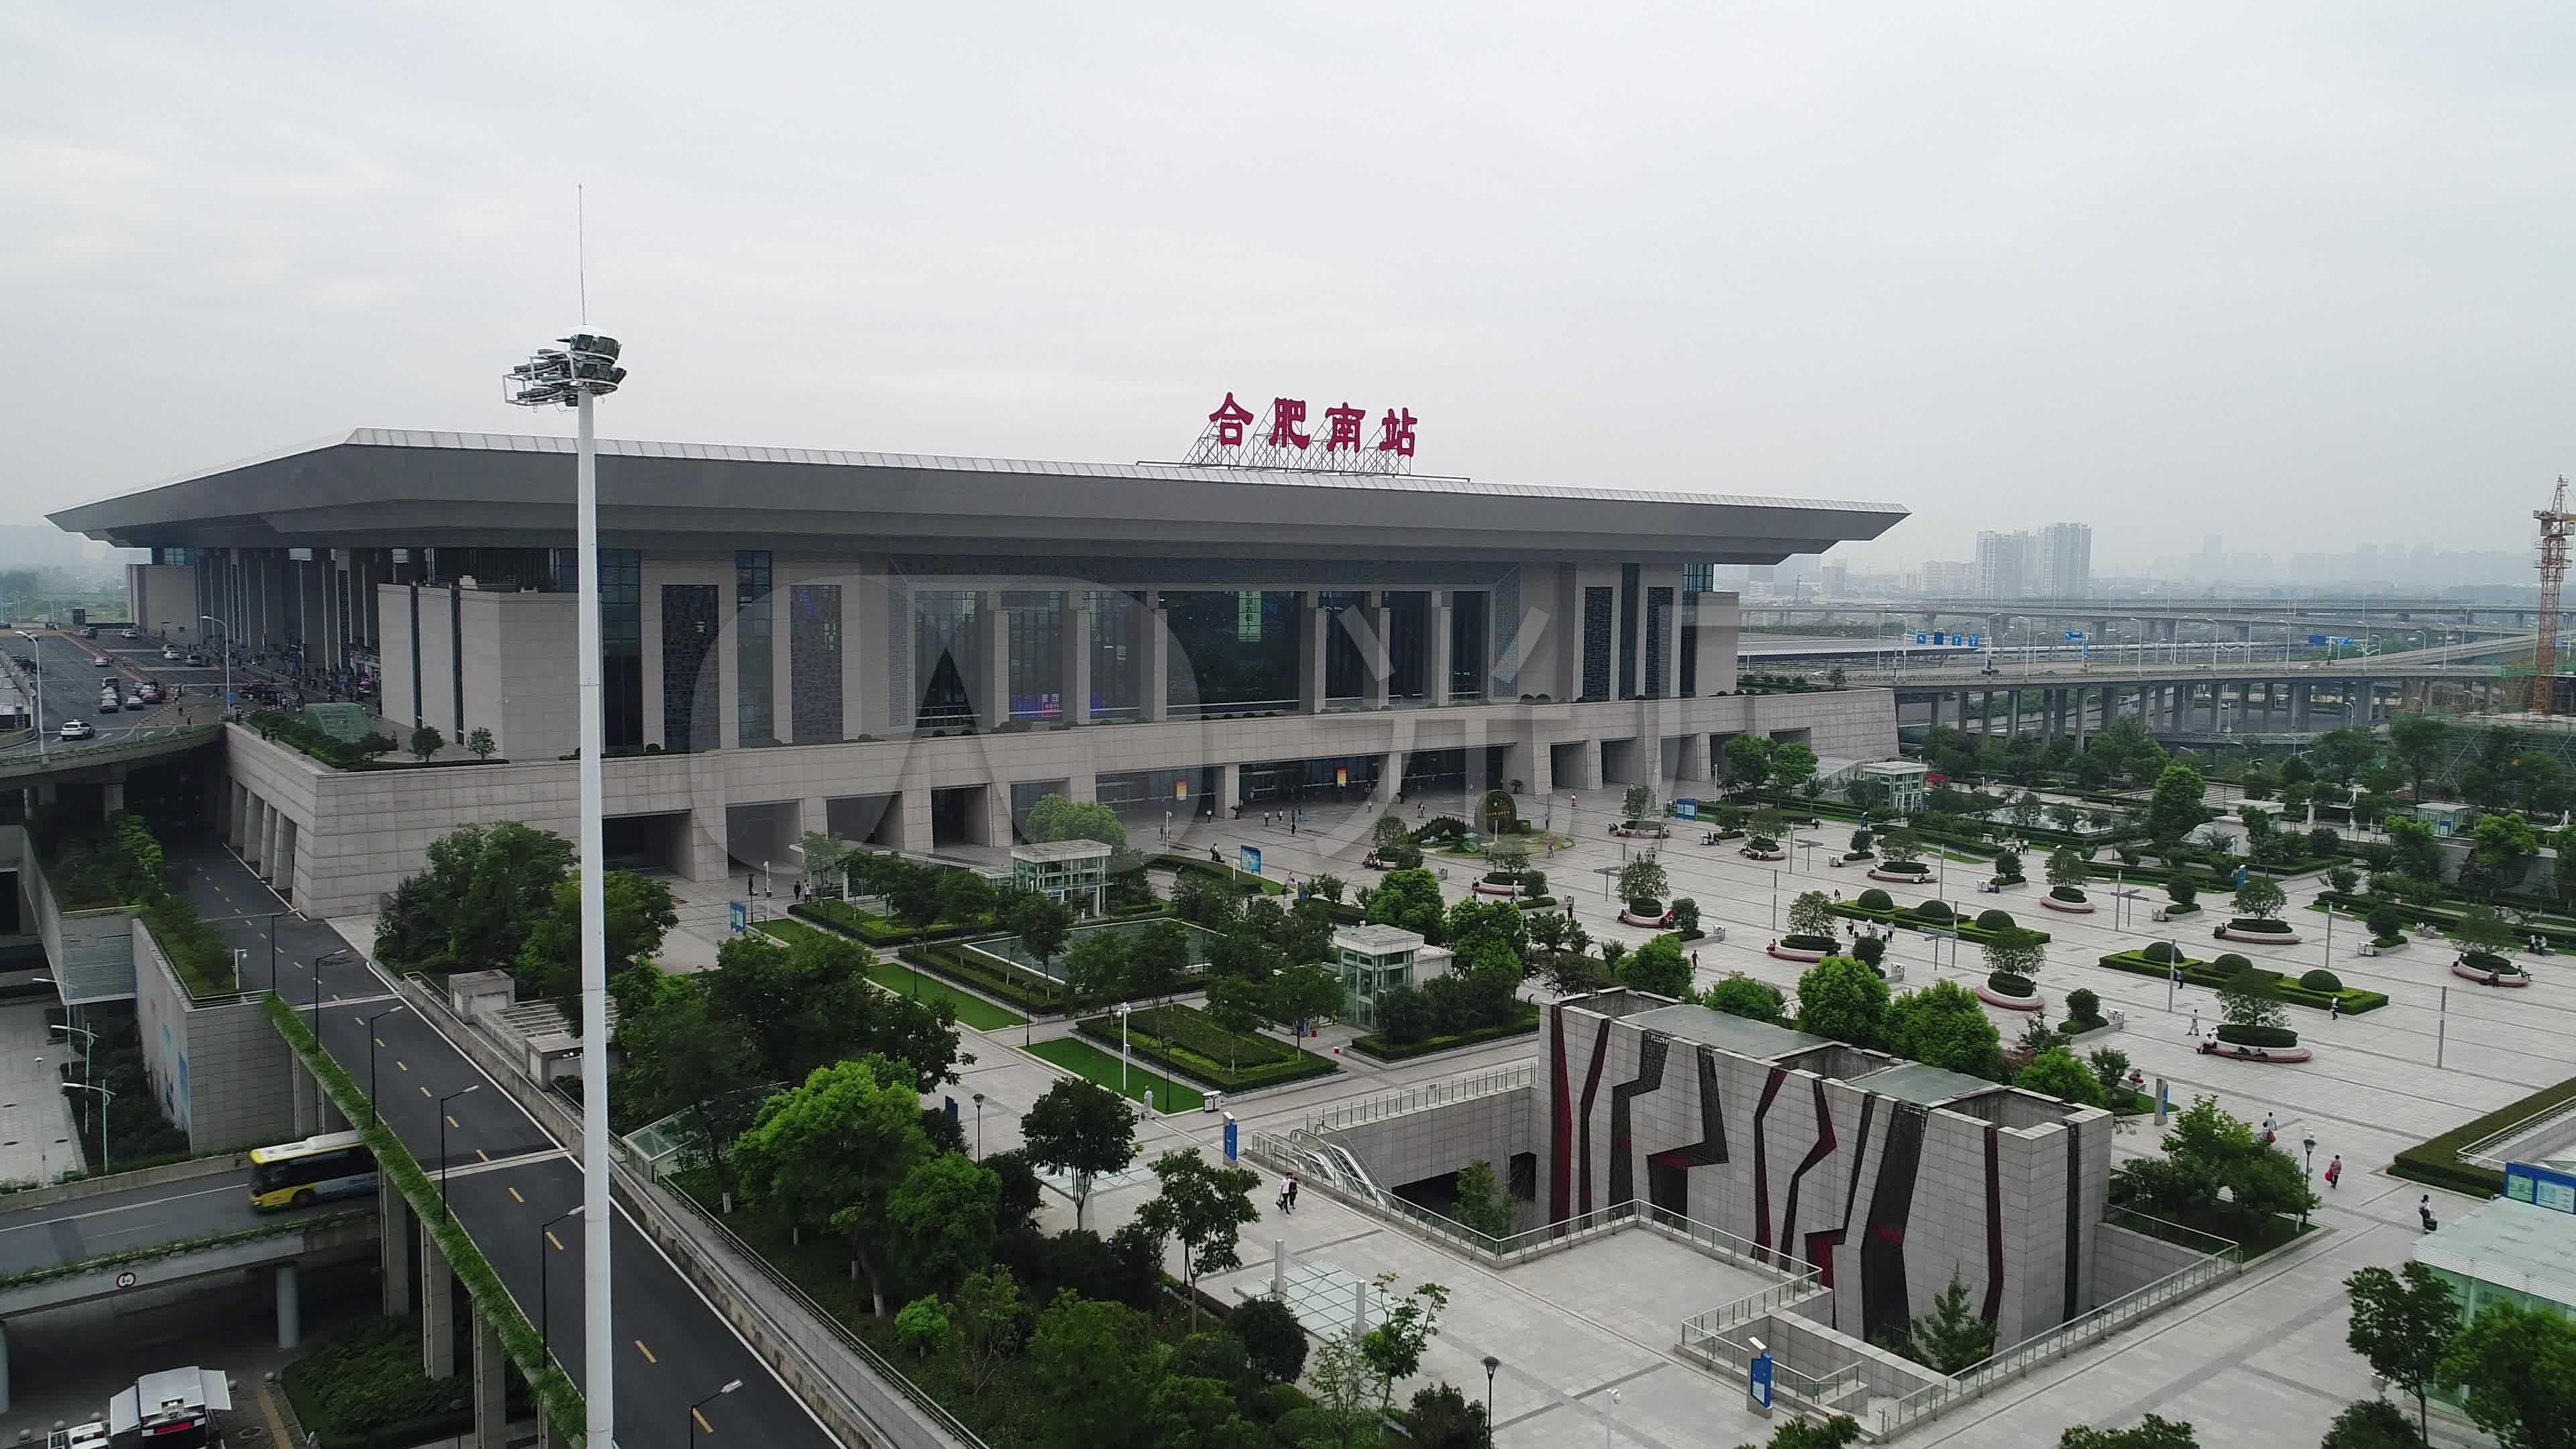 南站合肥v素材素材视频高铁站_3840X2160_高视频王雅伦图片